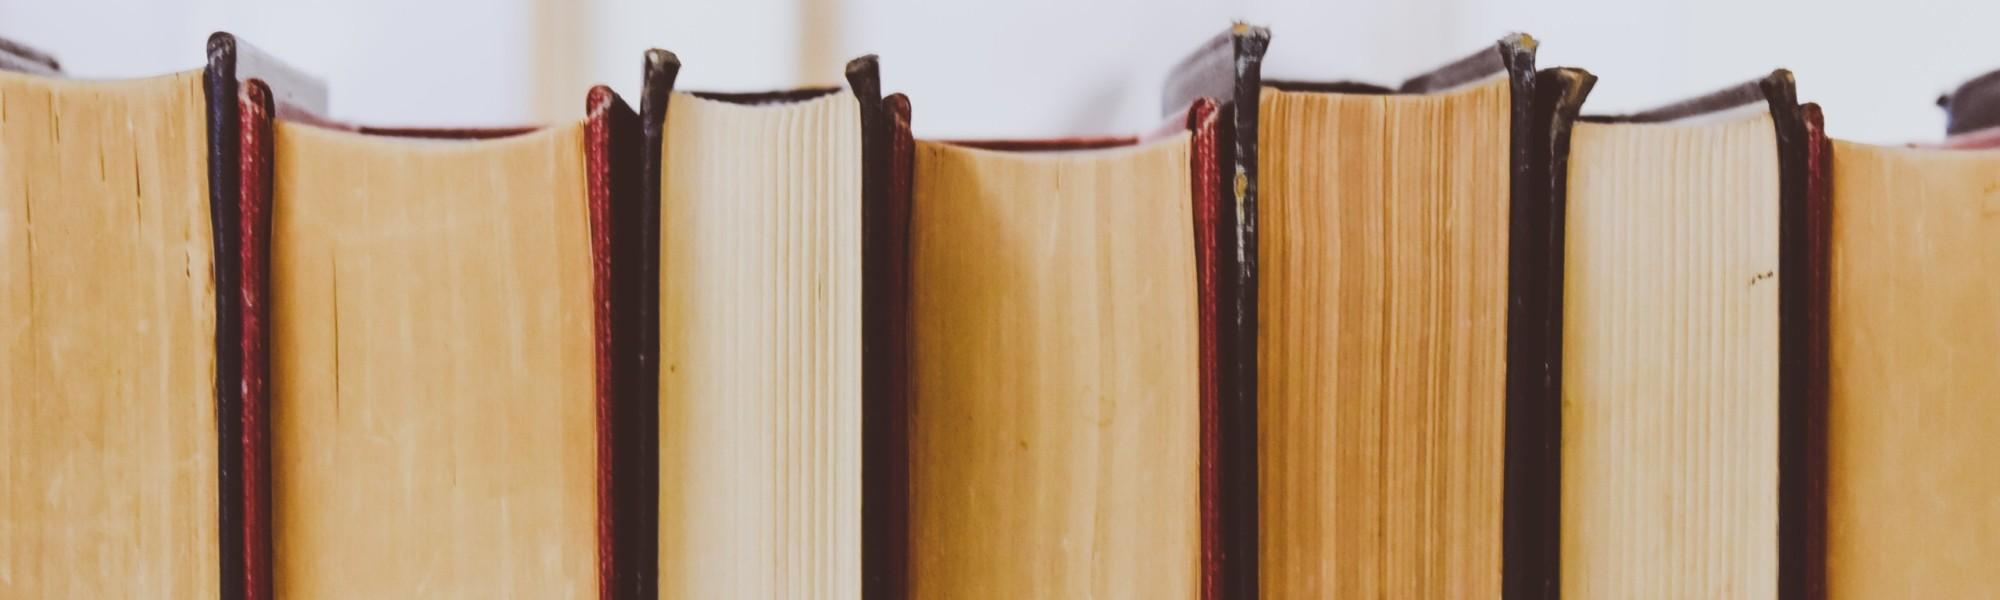 Kuvassa rivi kirjoja